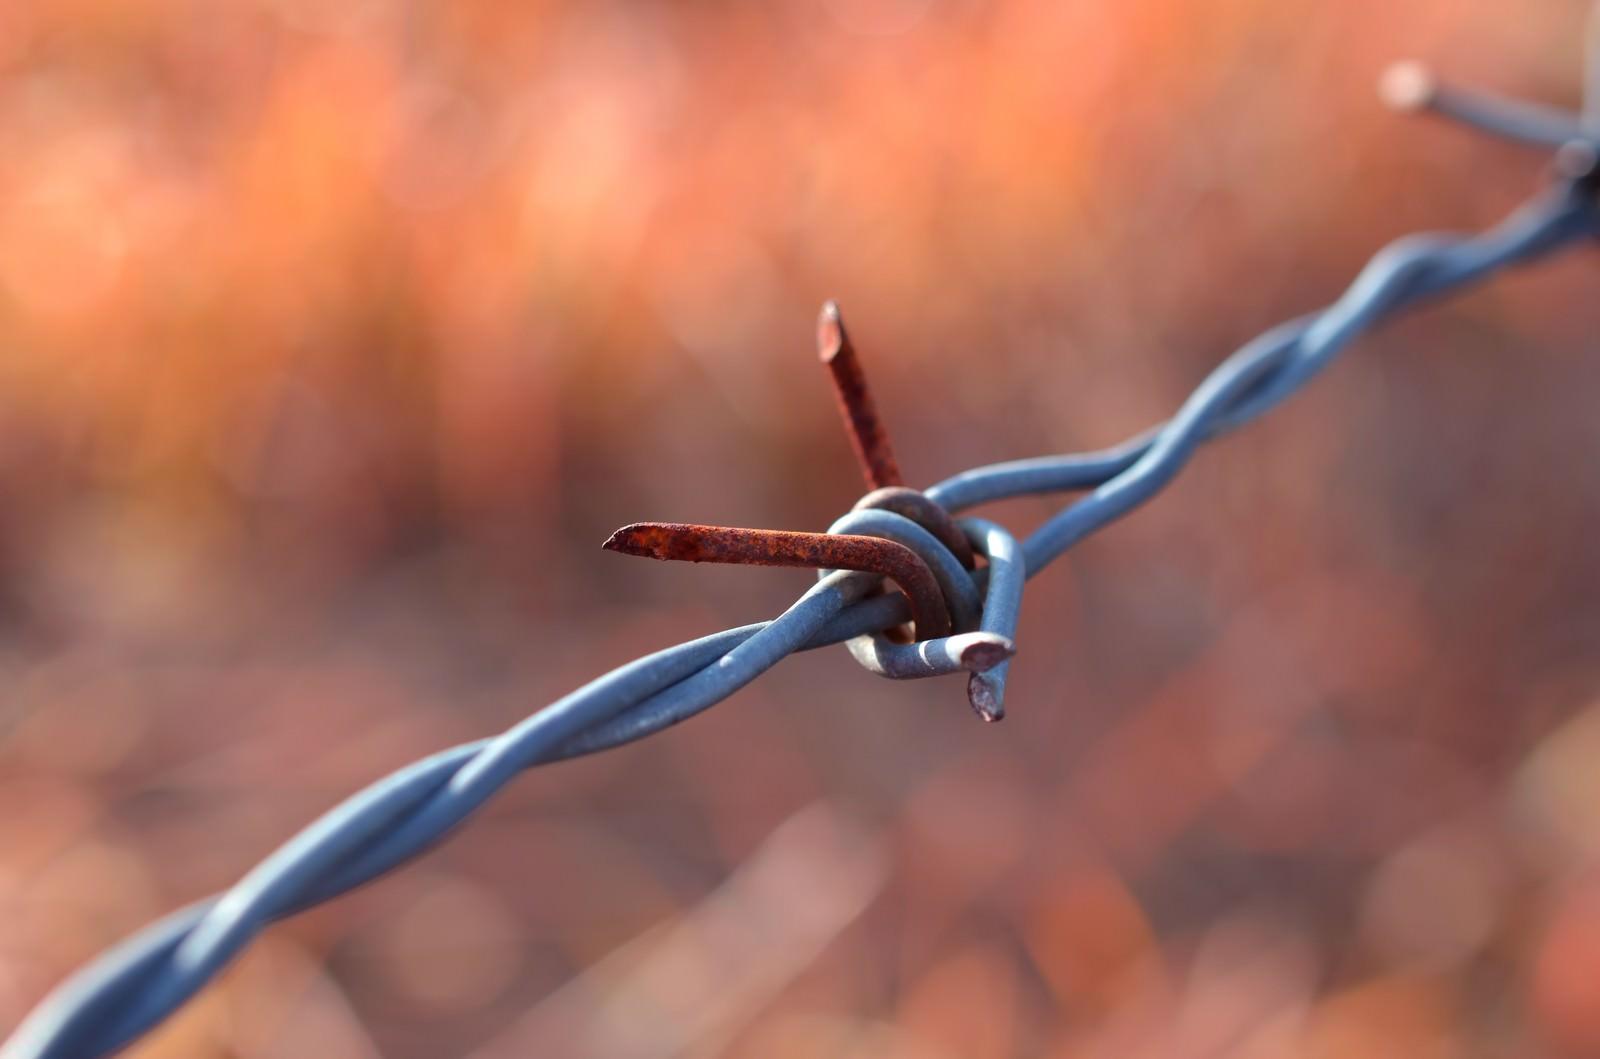 「有刺鉄線」の写真